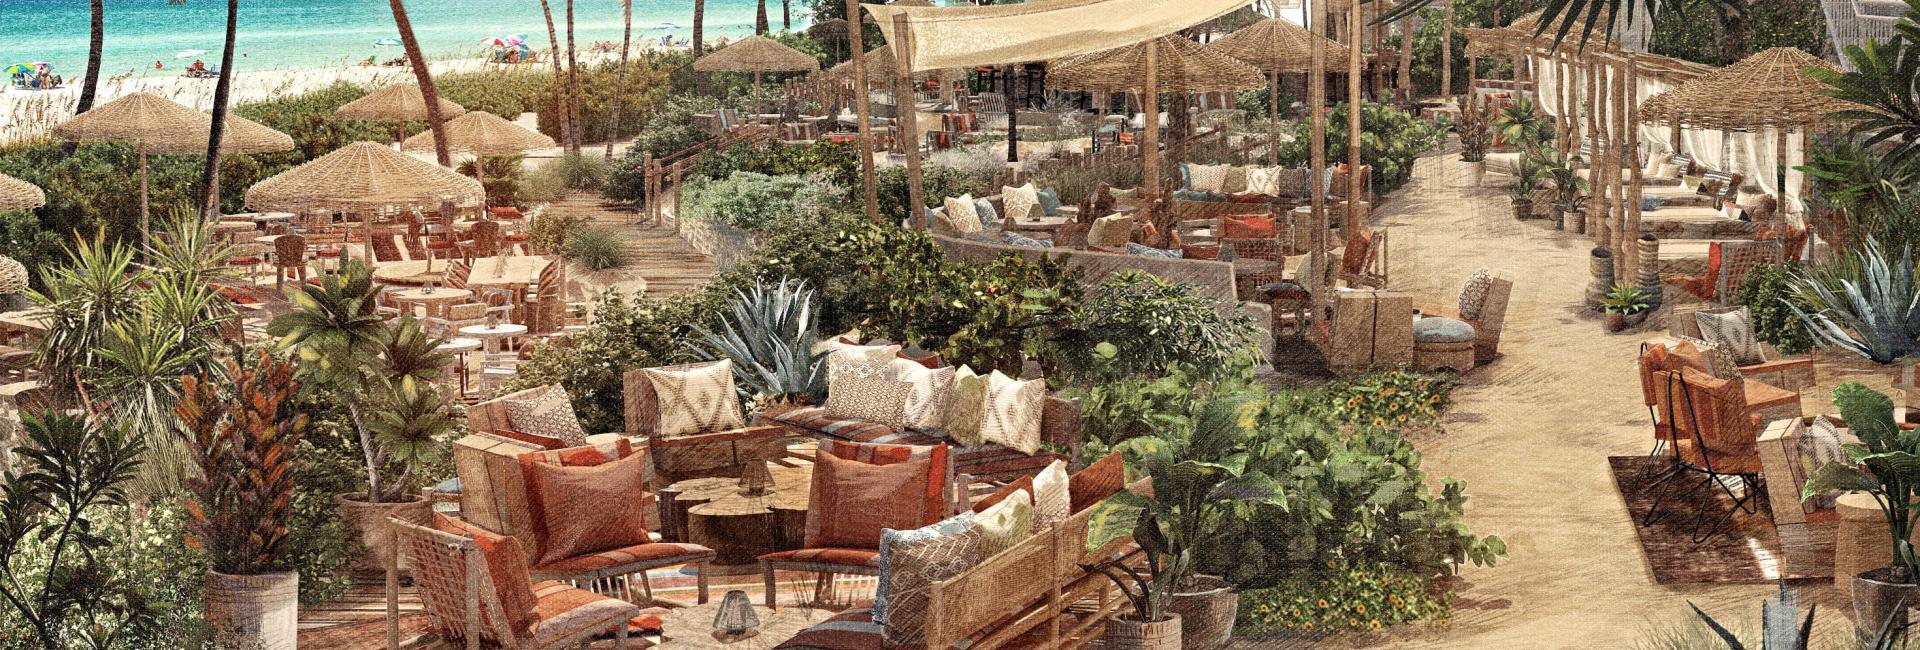 beach club 3